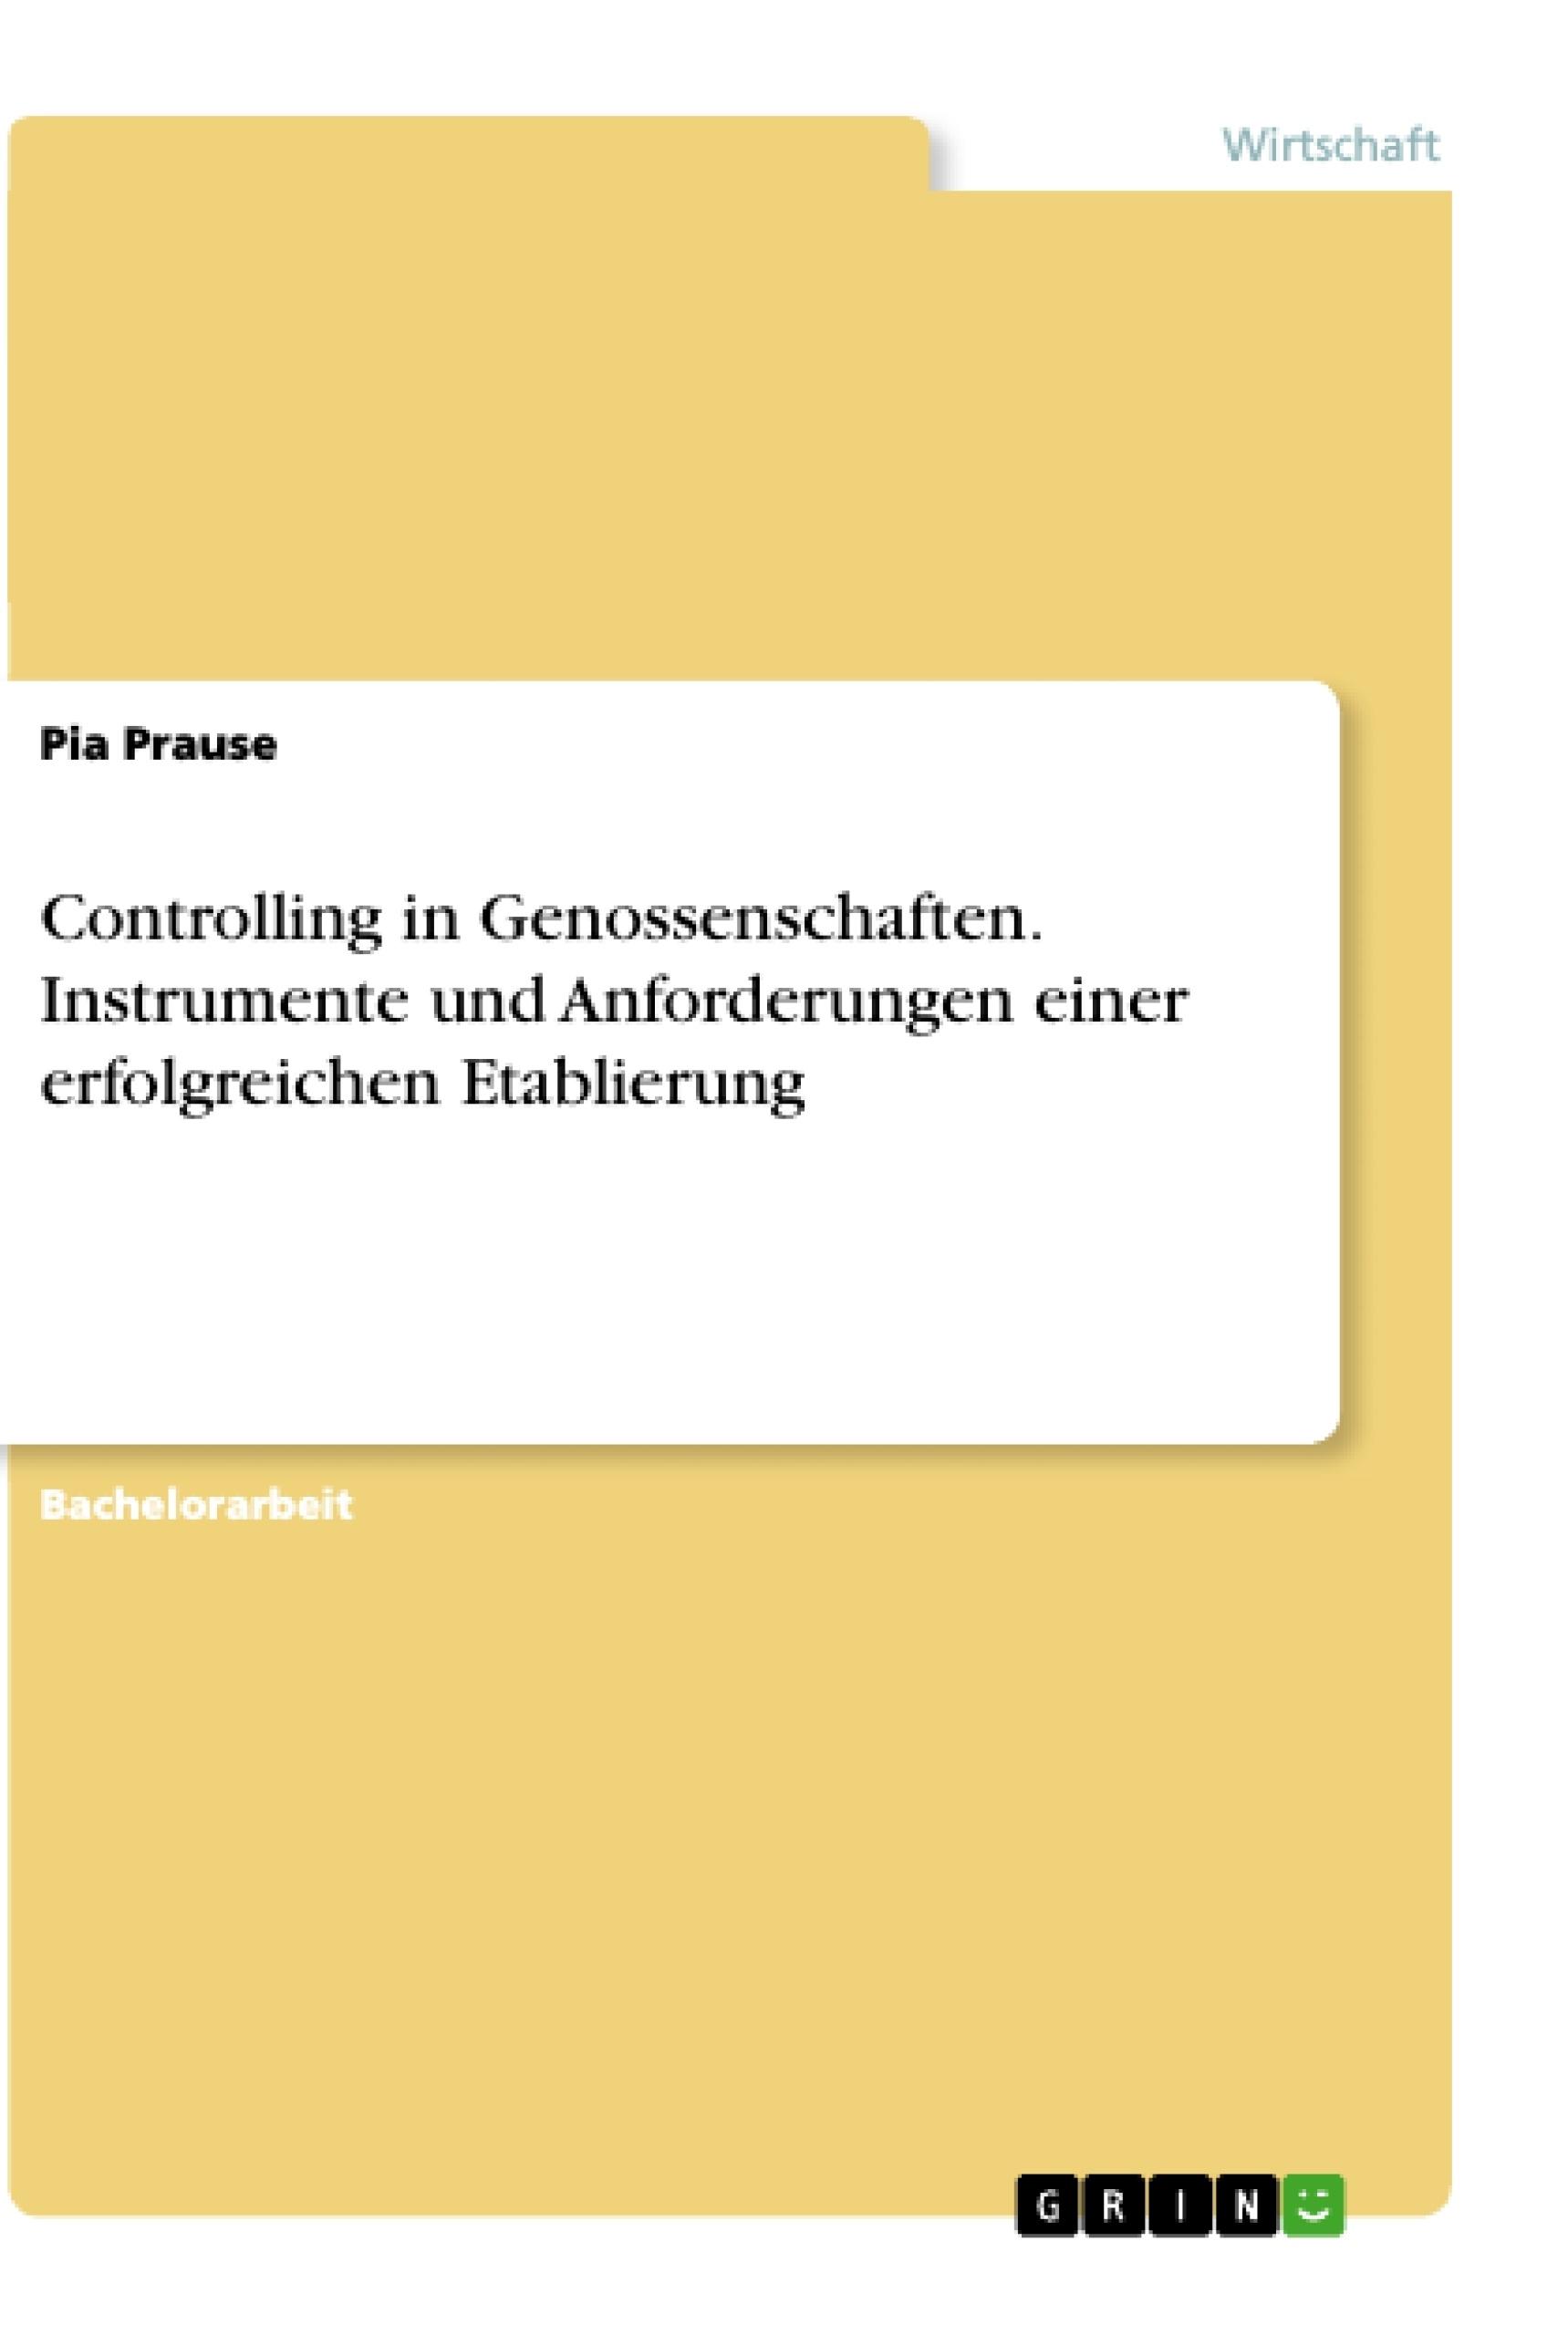 Titel: Controlling in Genossenschaften. Instrumente und Anforderungen einer erfolgreichen Etablierung